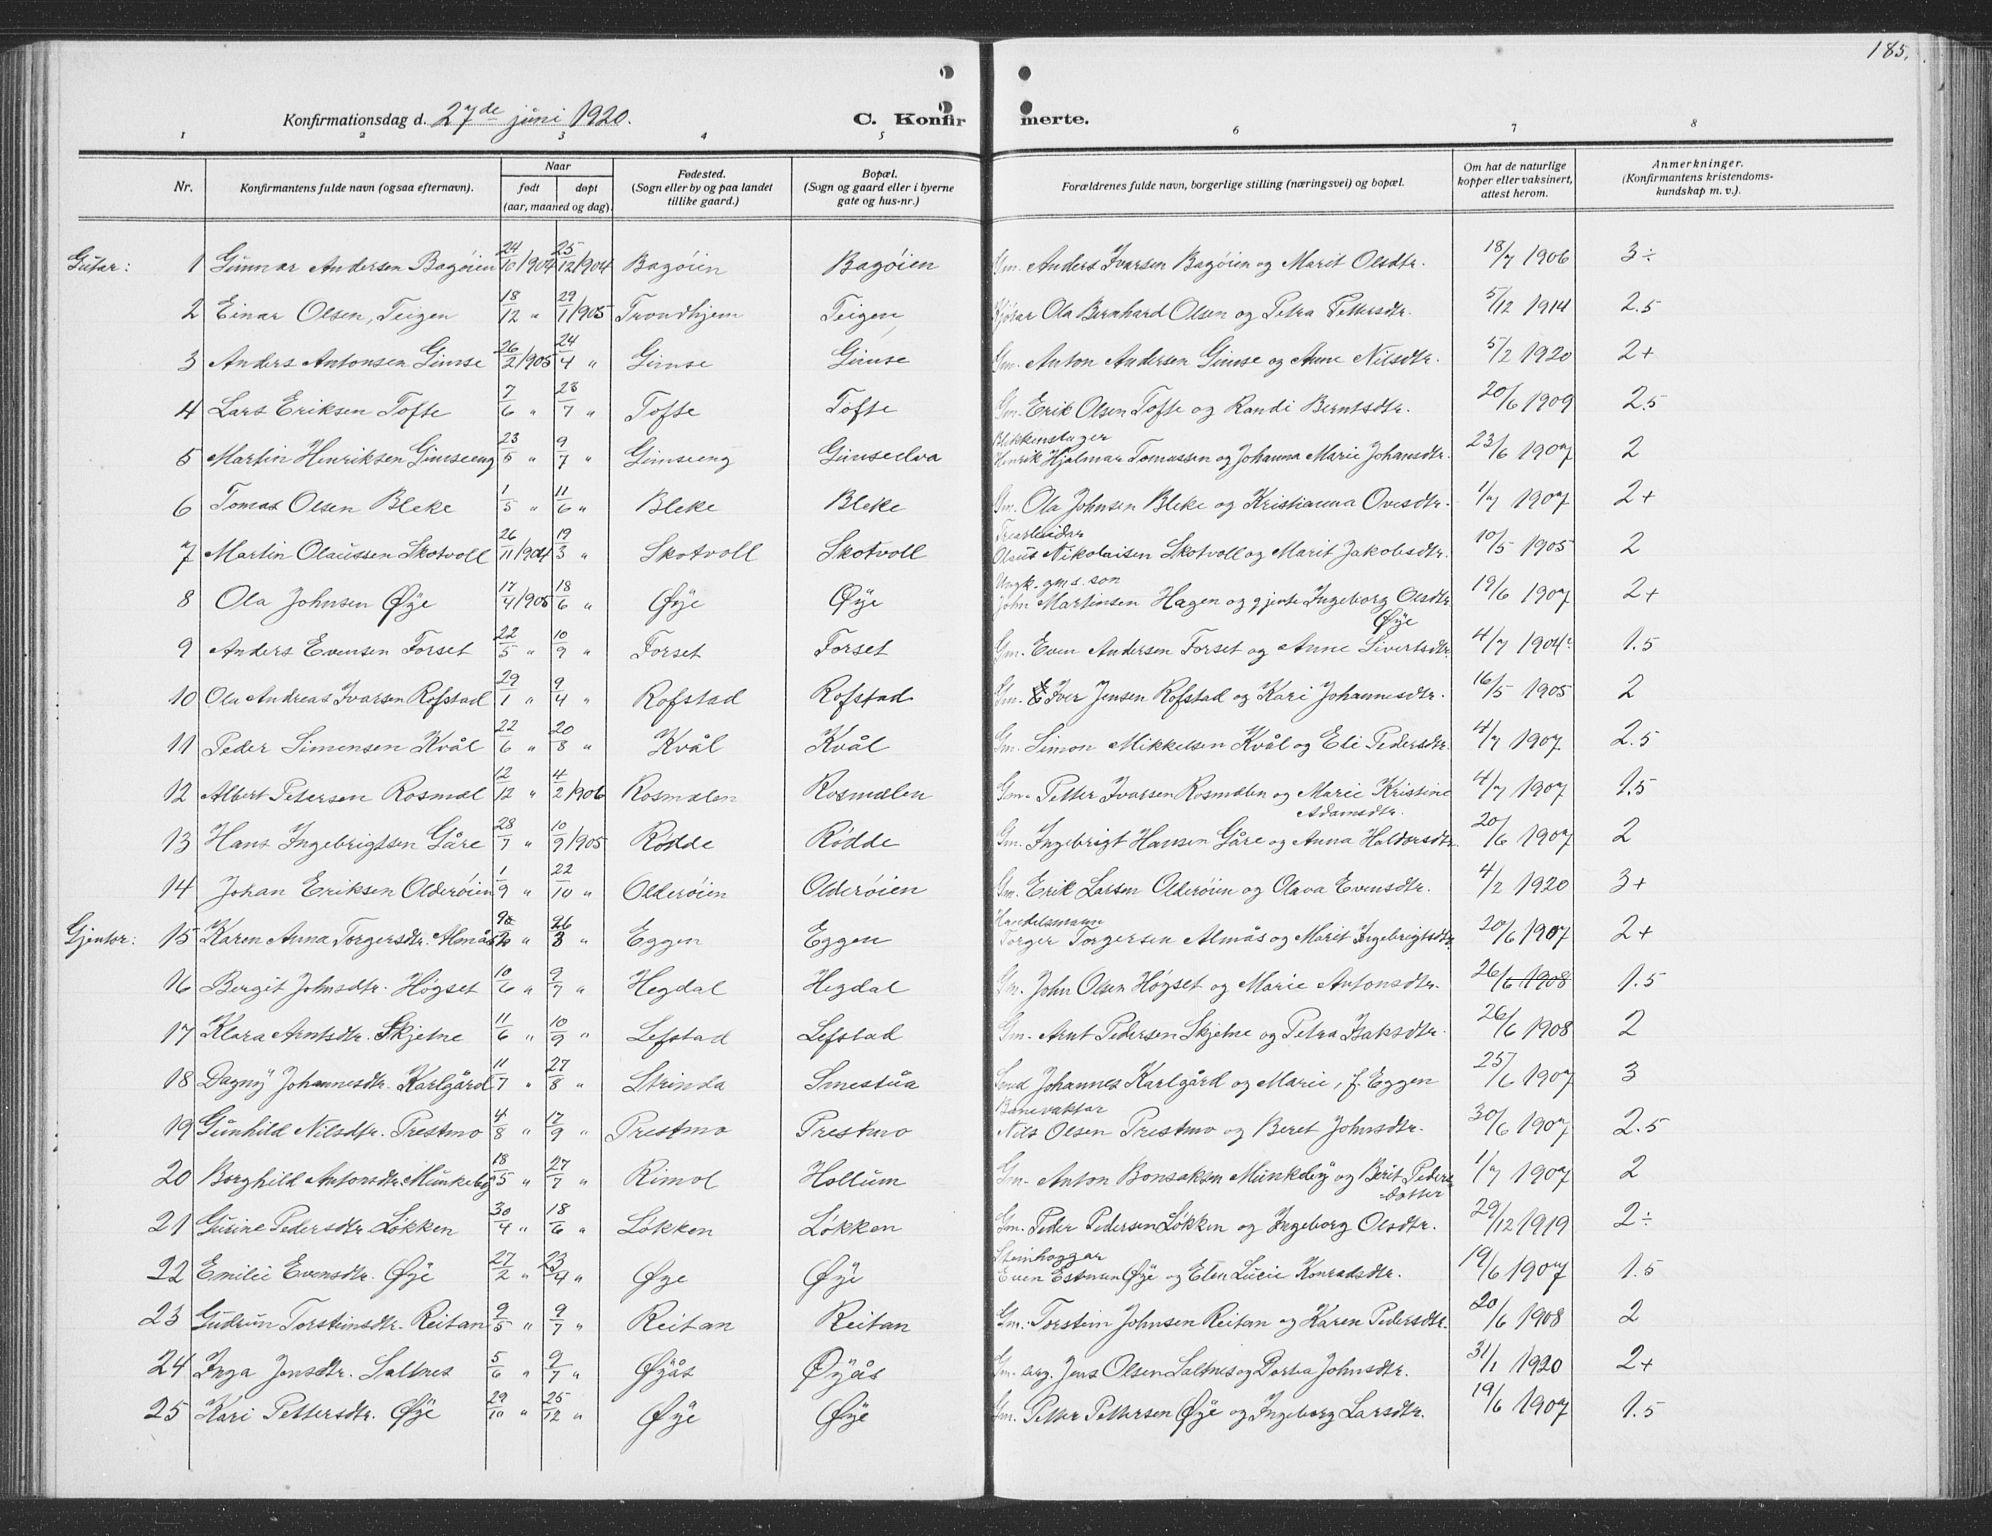 SAT, Ministerialprotokoller, klokkerbøker og fødselsregistre - Sør-Trøndelag, 691/L1095: Klokkerbok nr. 691C06, 1912-1933, s. 185